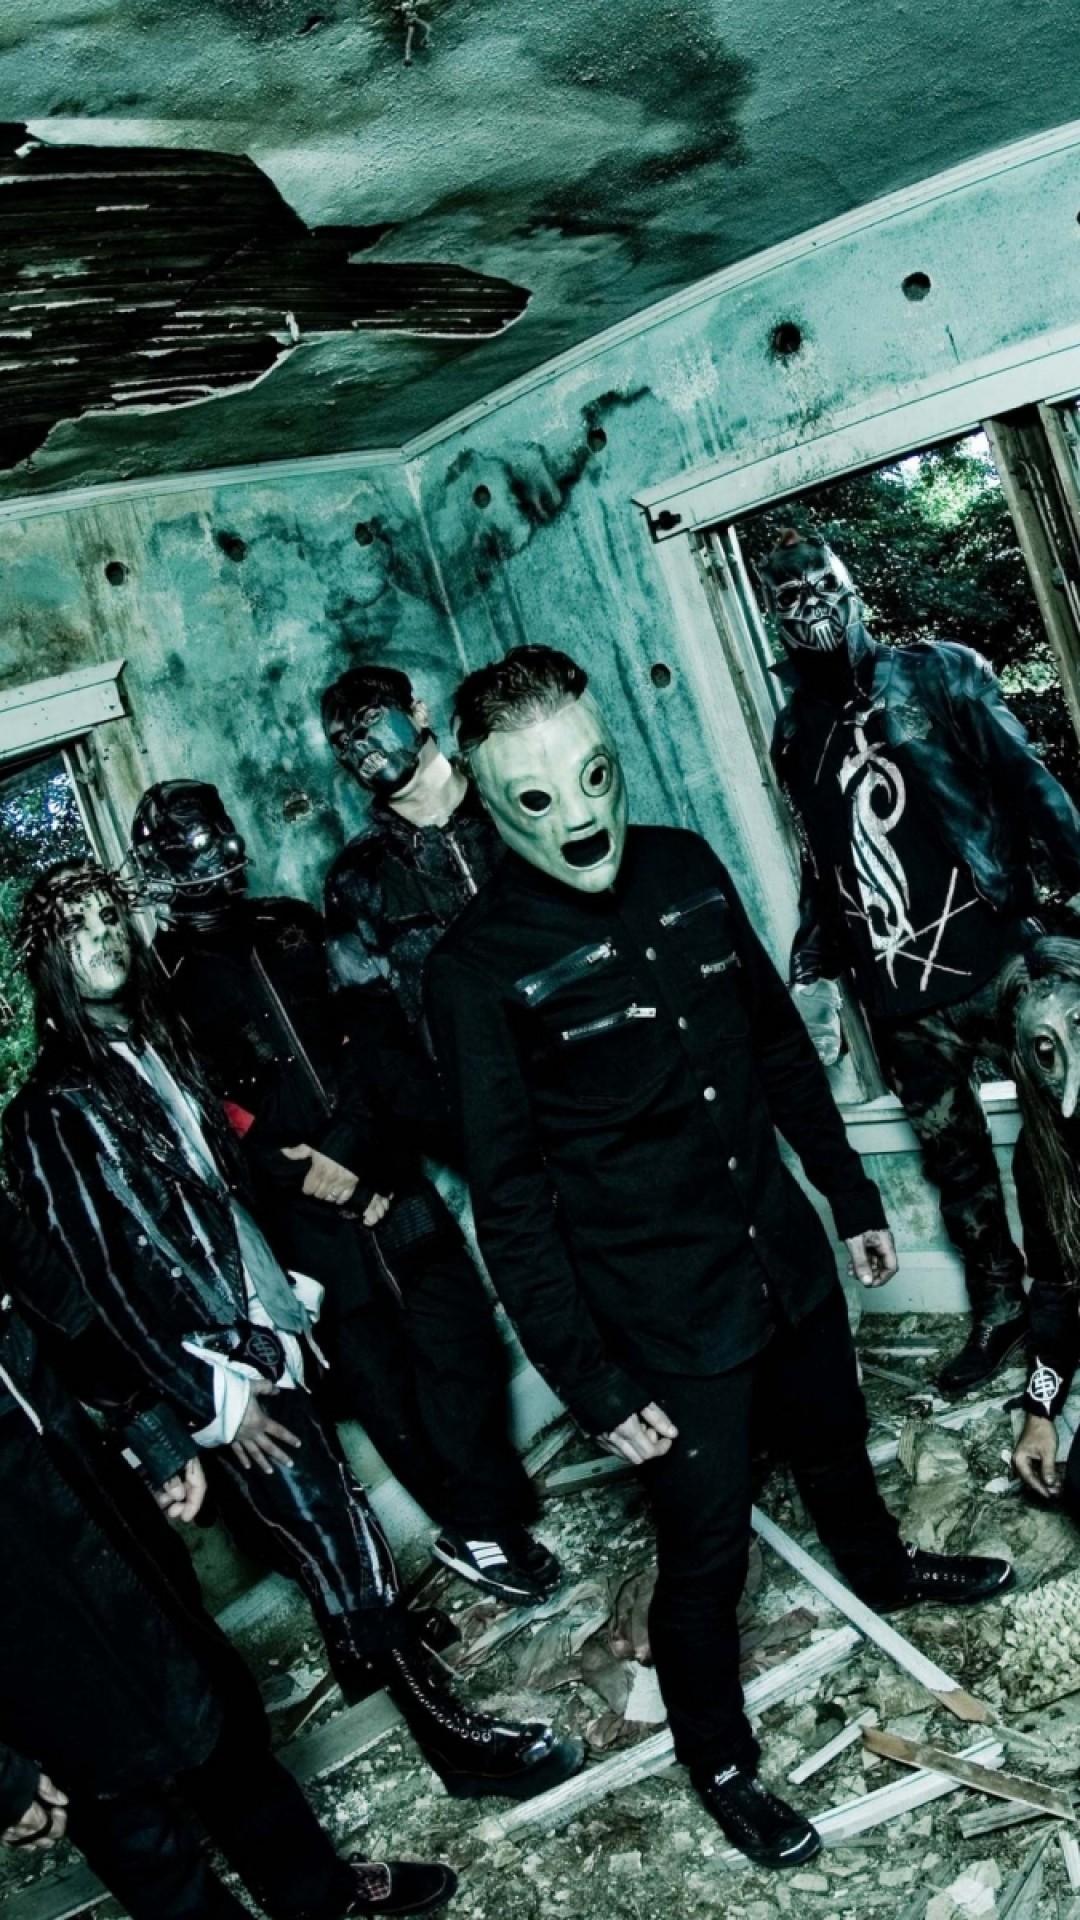 Slipknot Wallpaper 2018 60 Images